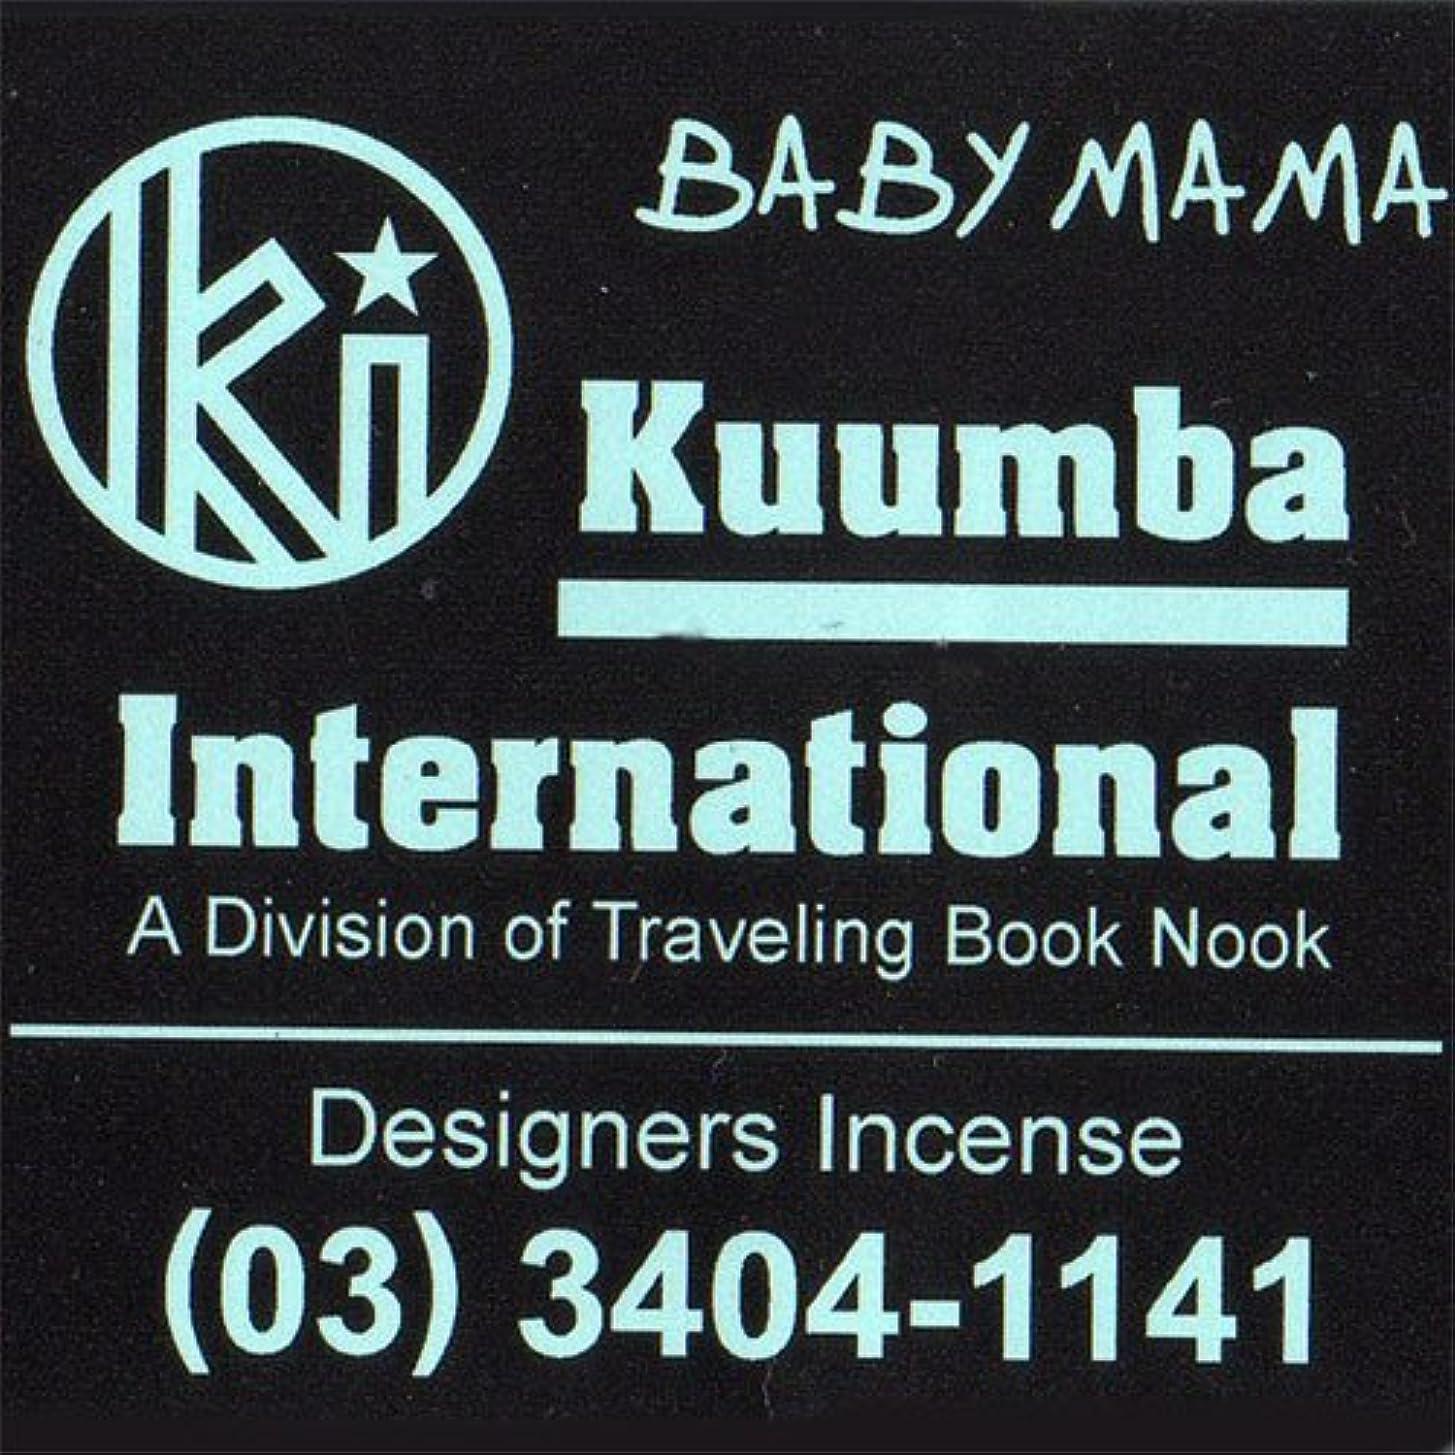 甘い泥棒シャッフルKUUMBA / クンバ『incense』(BABY MAMA) (Regular size)